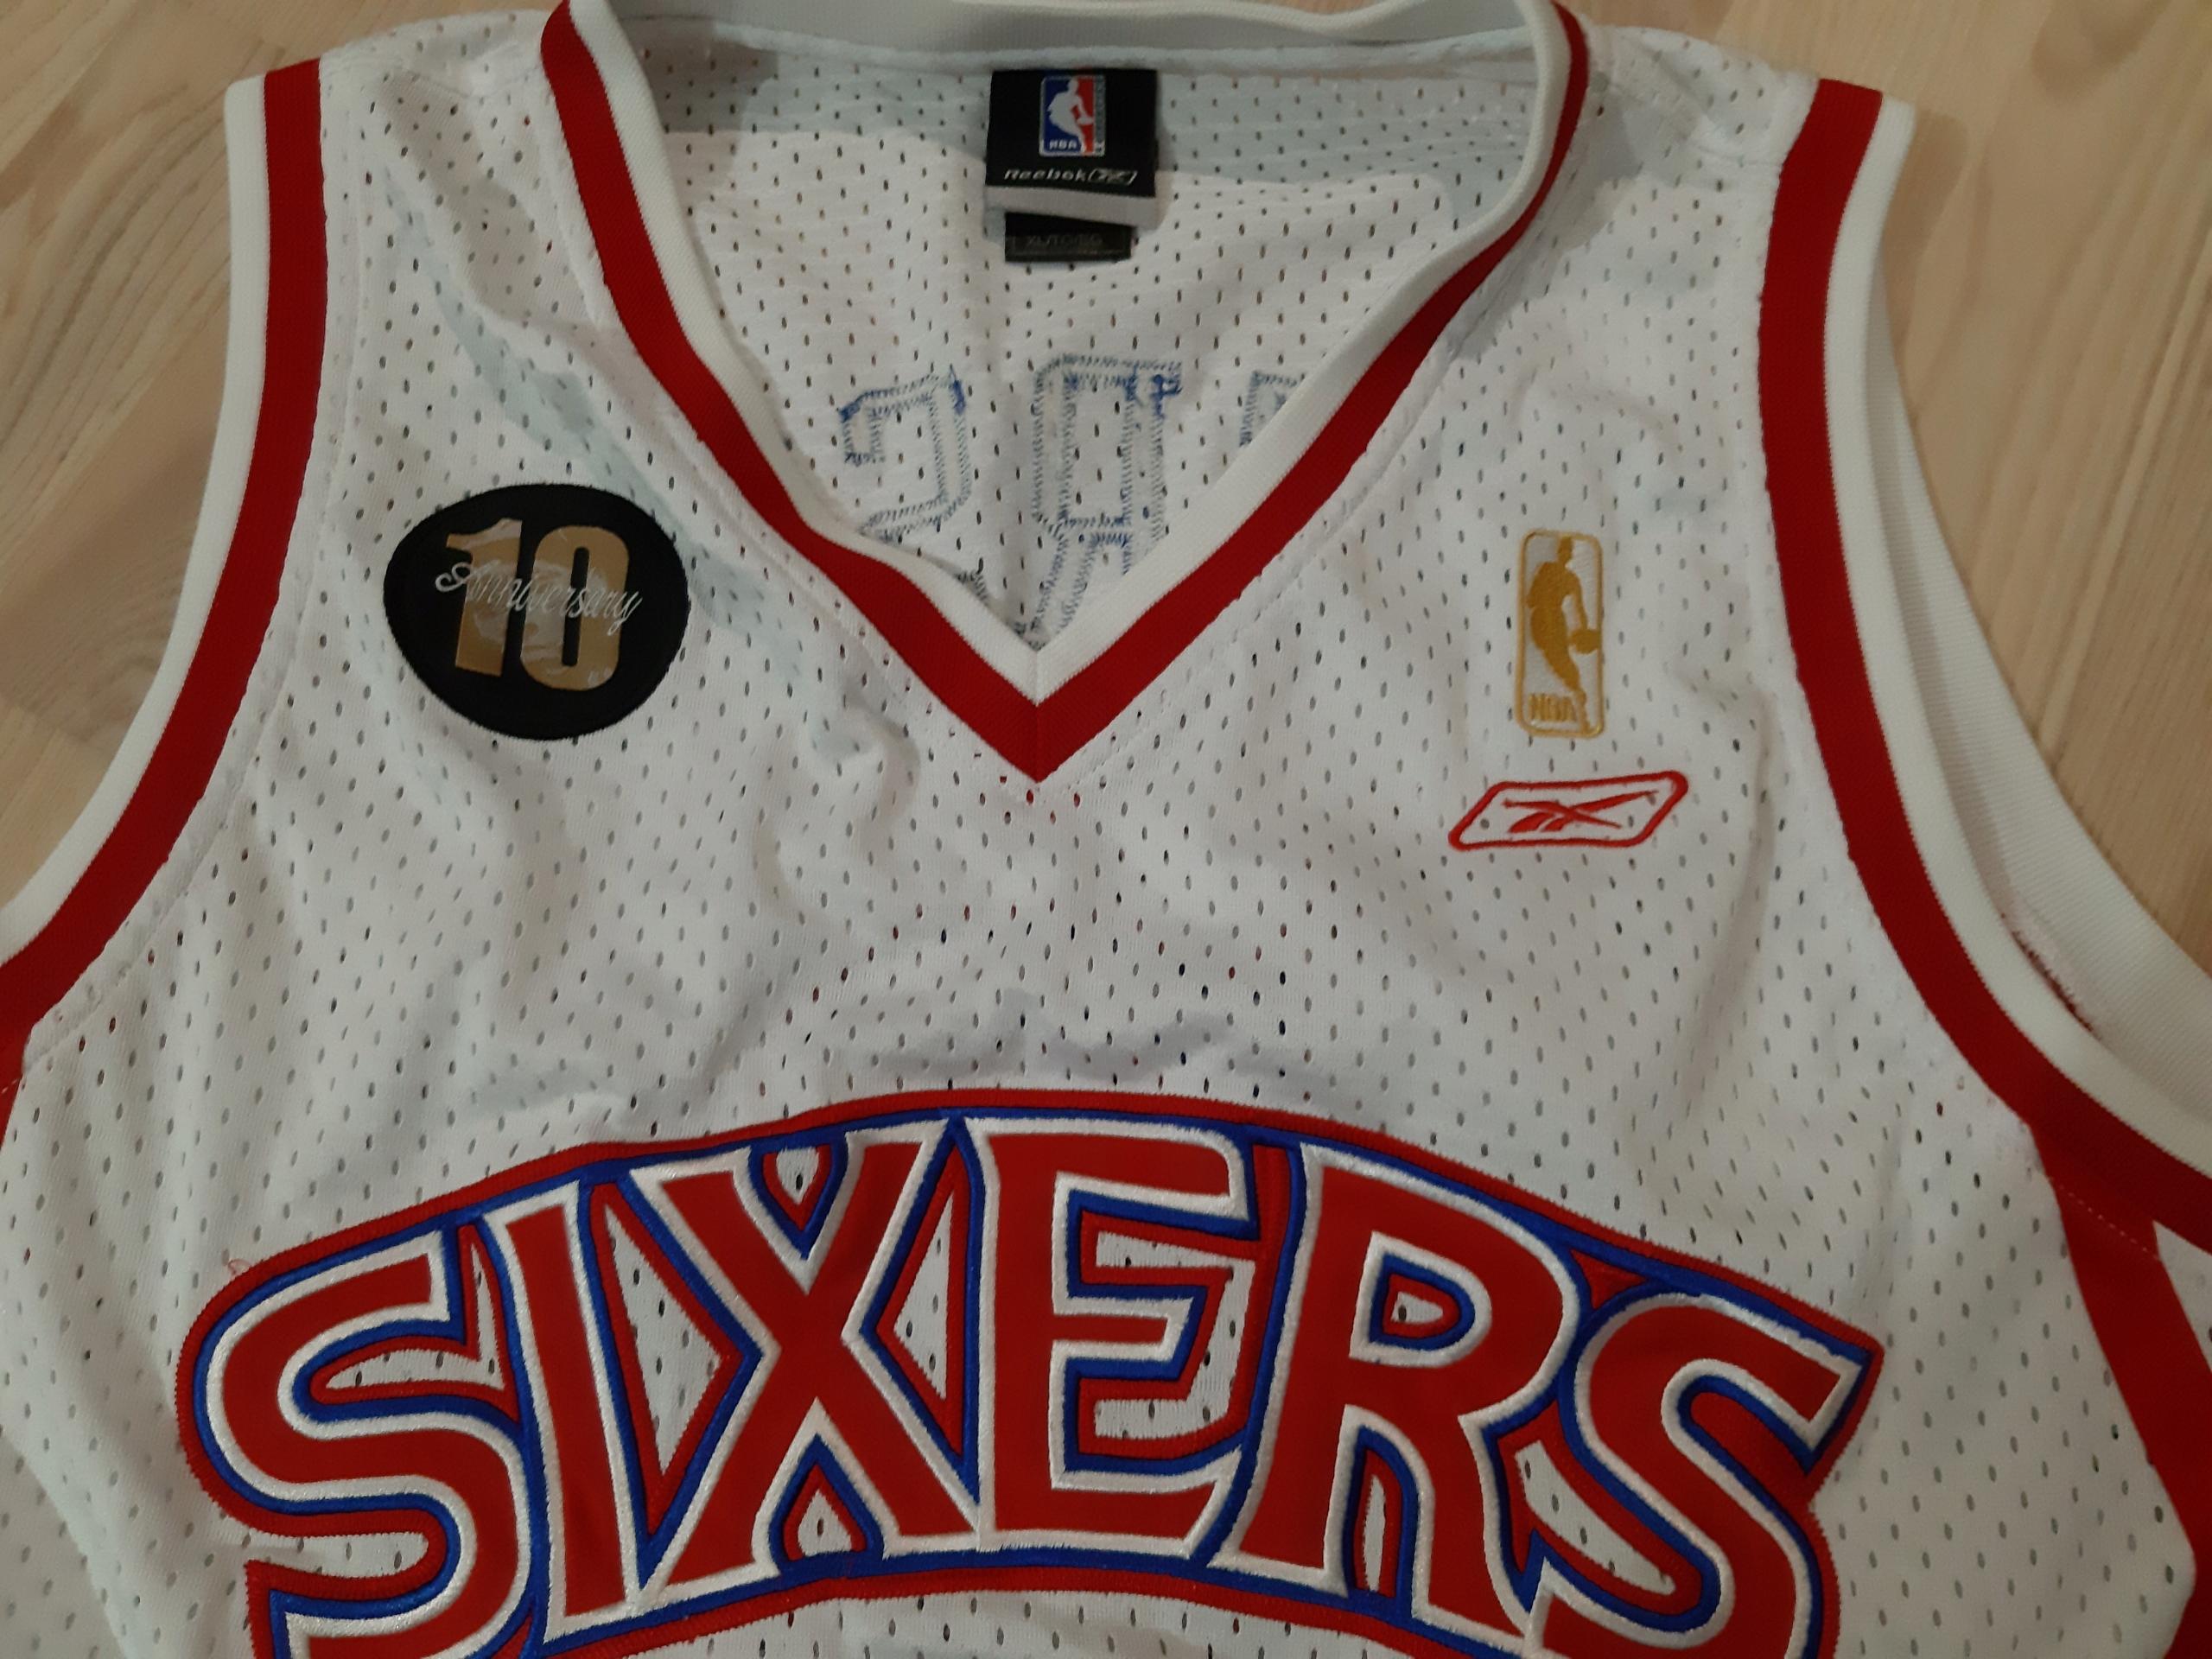 Koszulka Iverson NBA reebok Philadelphia sixers